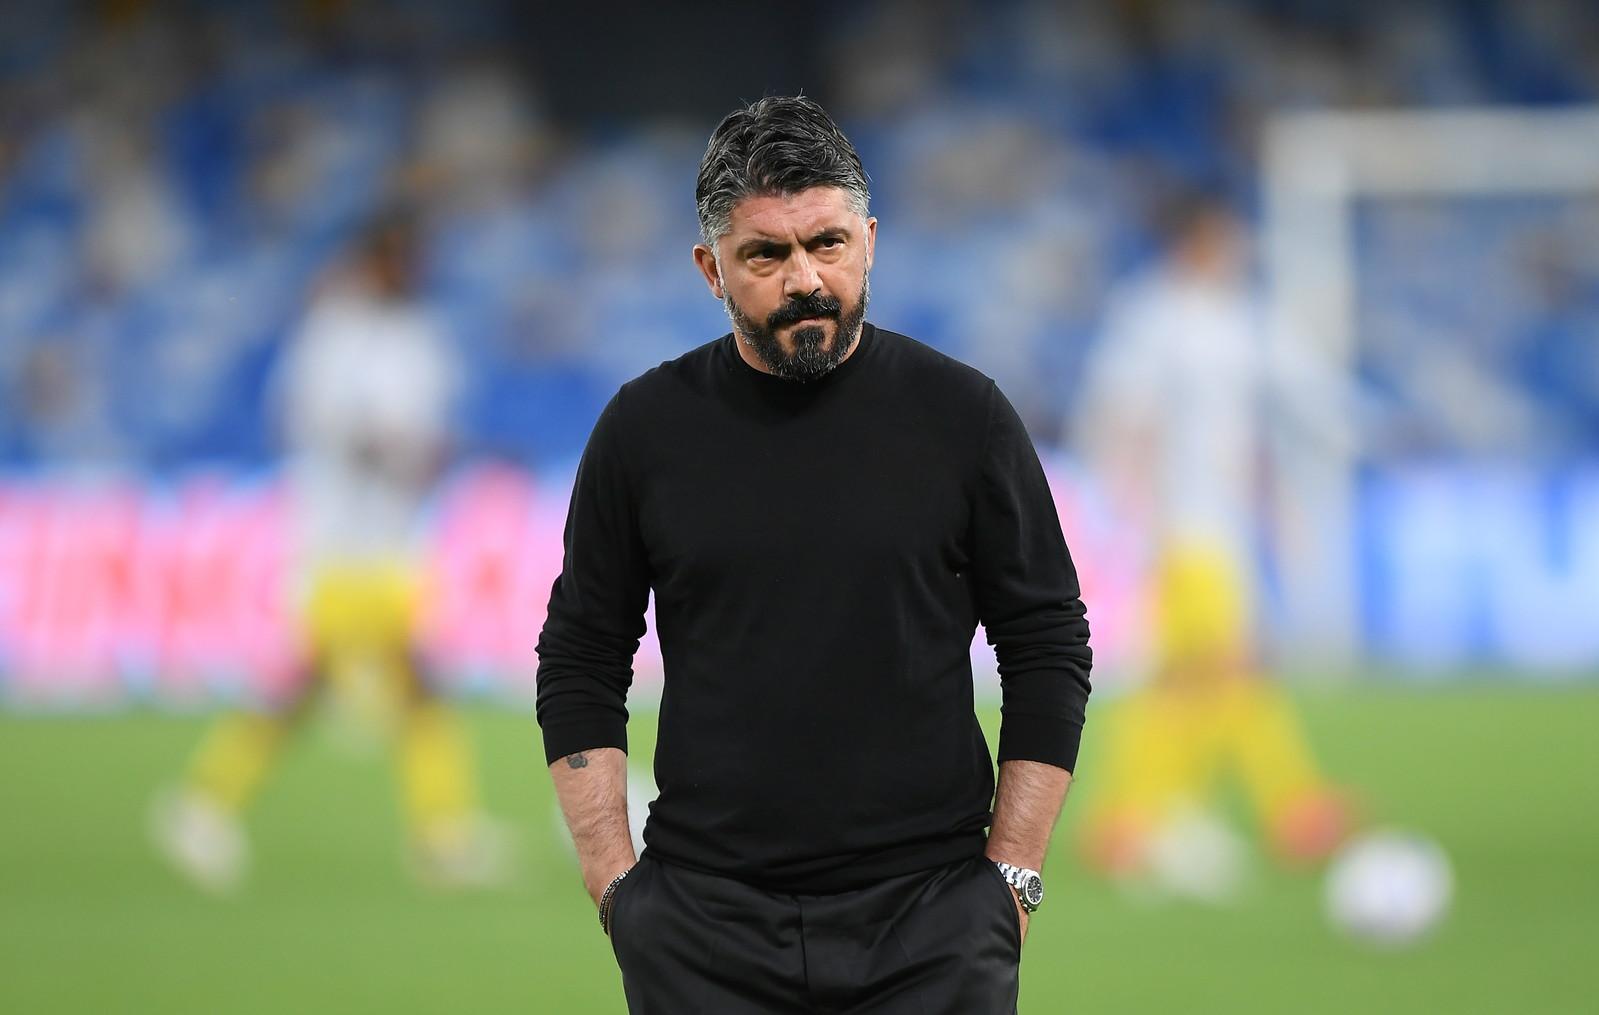 Le migliori immagini di Napoli-Verona 1-1.<br /><br />